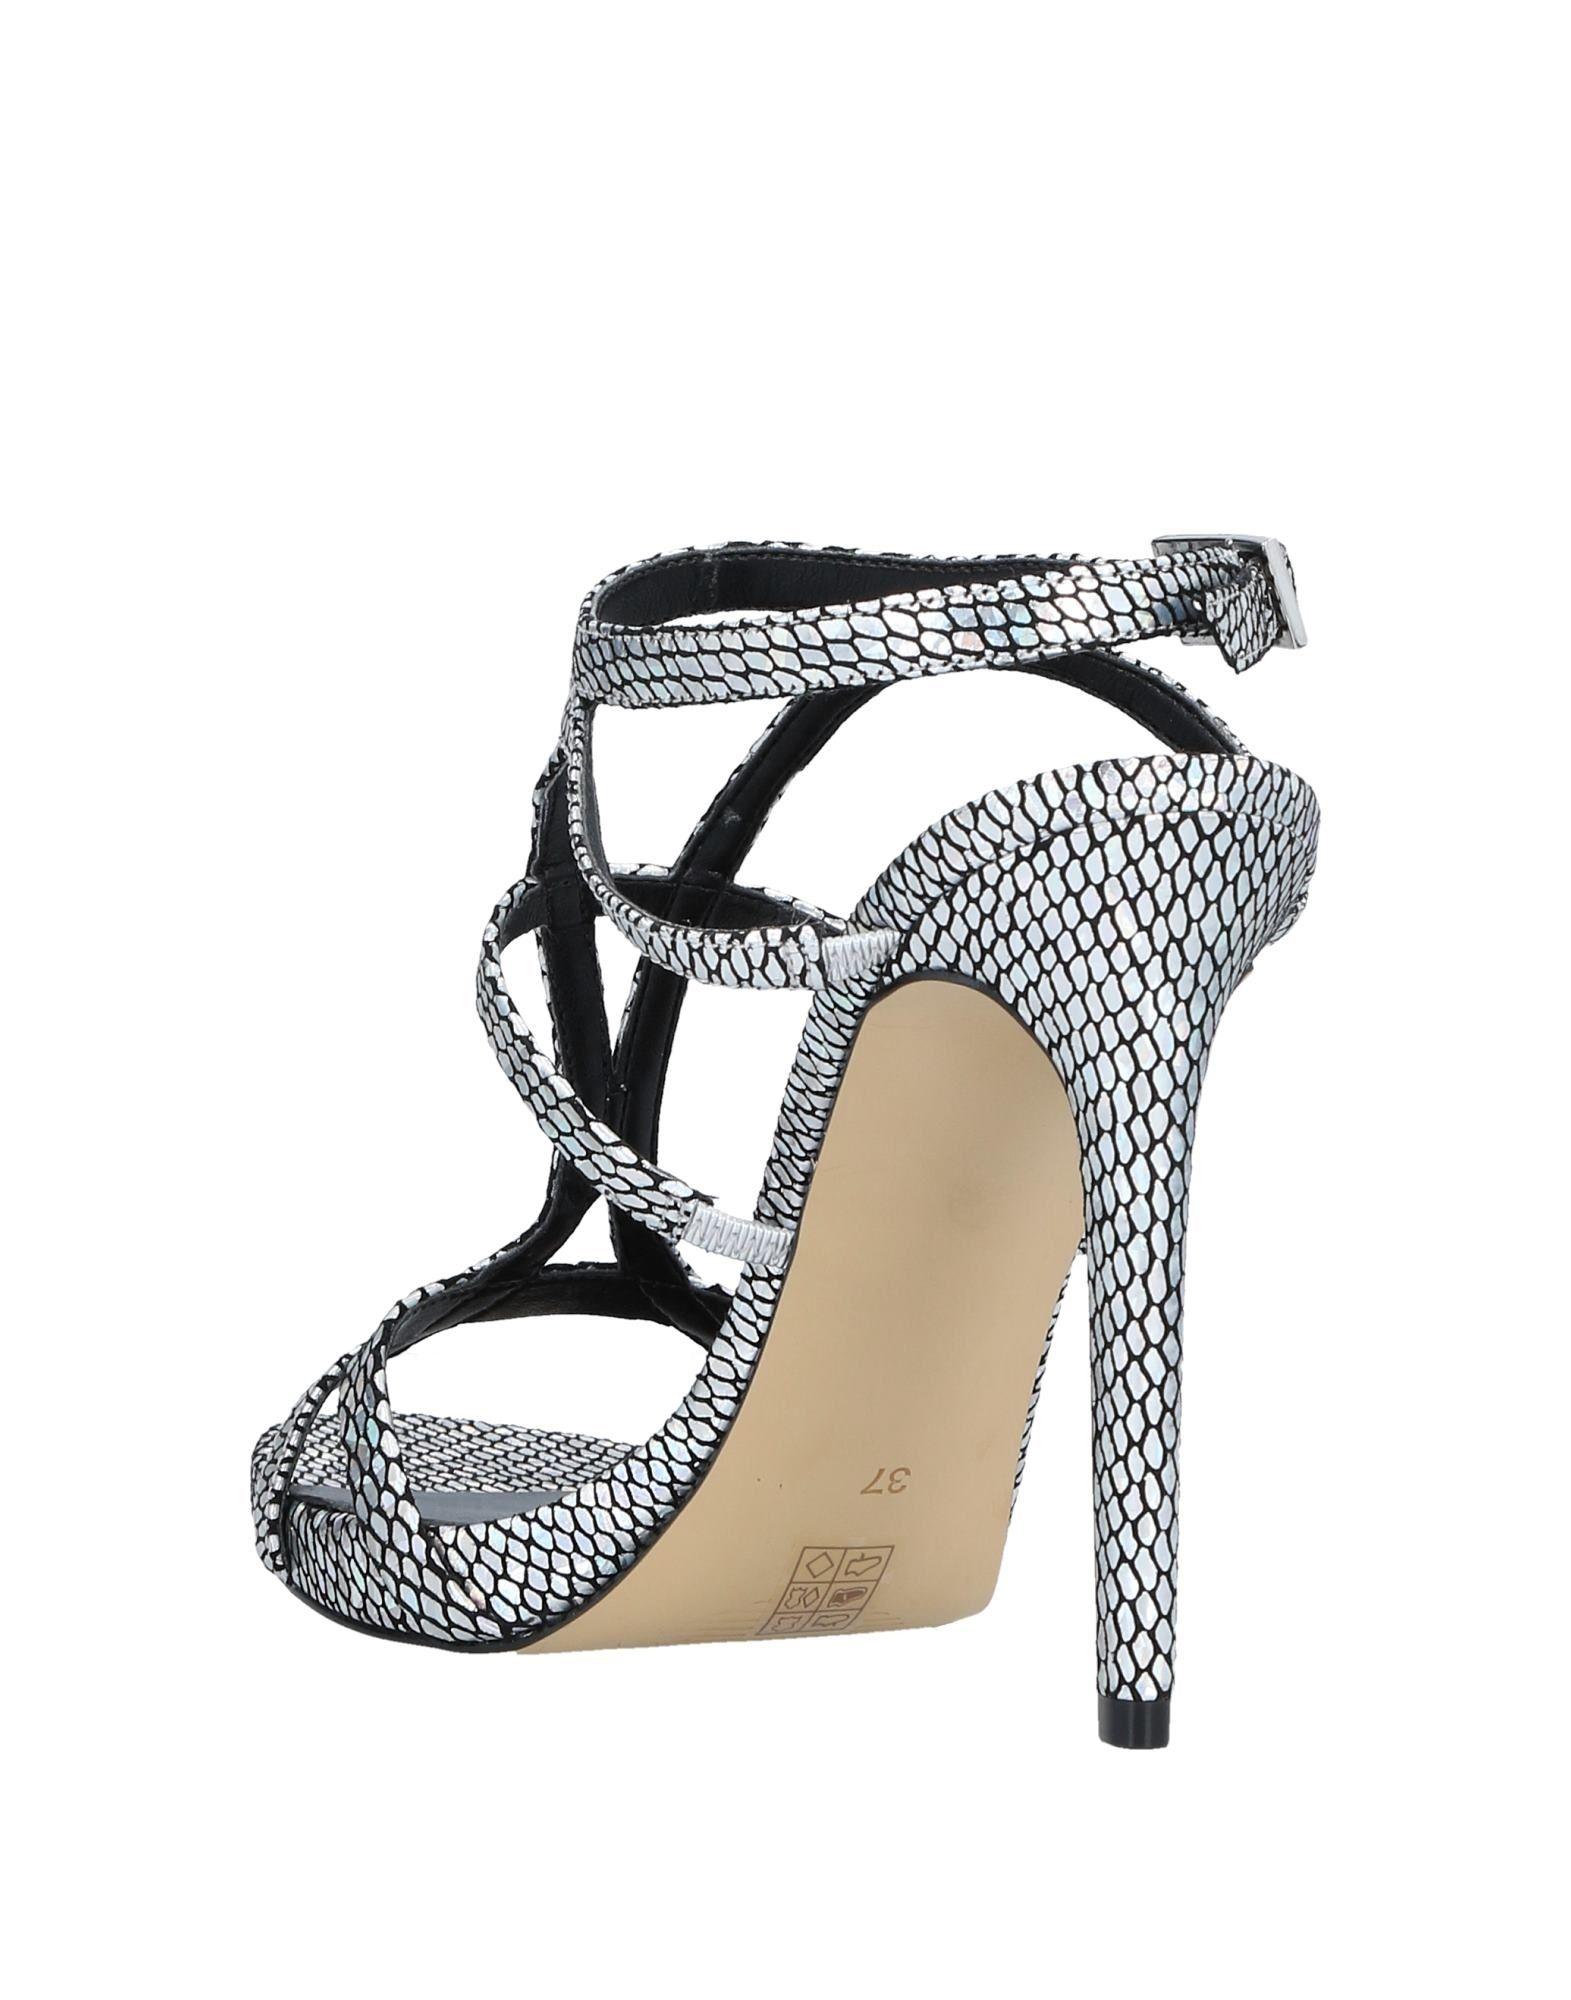 imagine les sandales - femmes femmes femmes suppose que les sandales en ligne le royaume - uni - 11534910cq ba0201